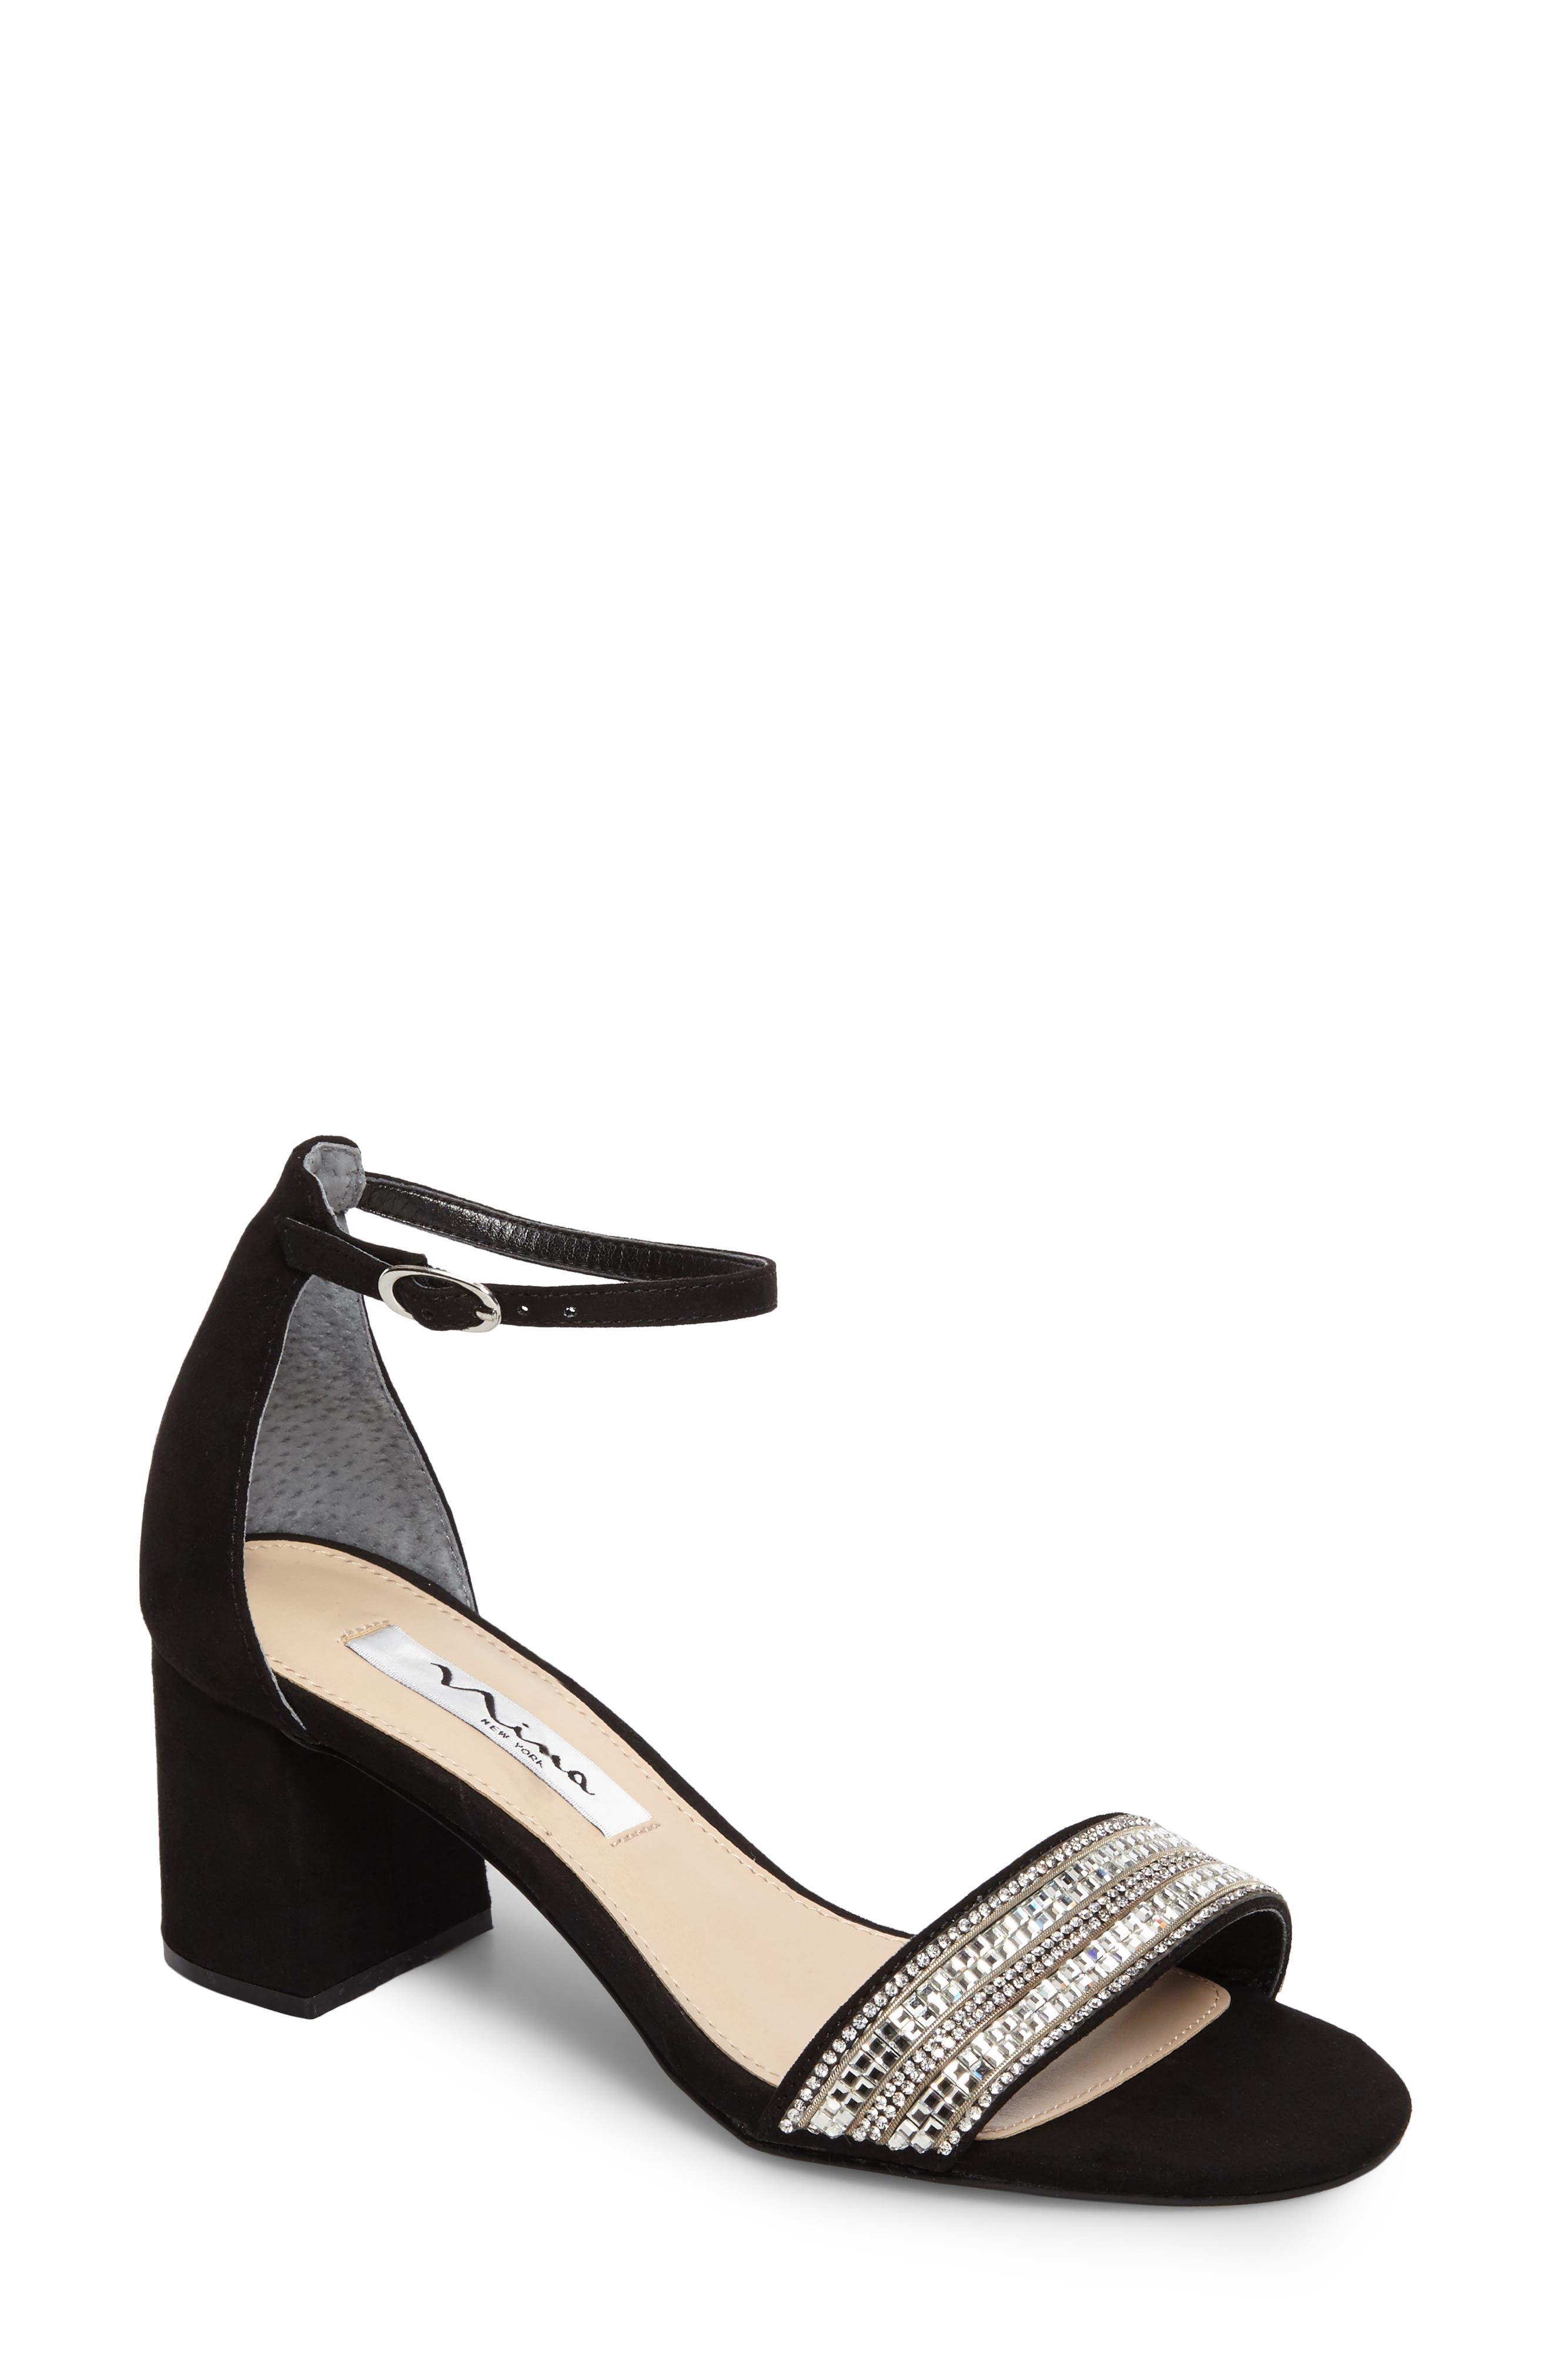 NINA Elenora Evening Block-Heel Sandals Women's Shoes bapa8tFP